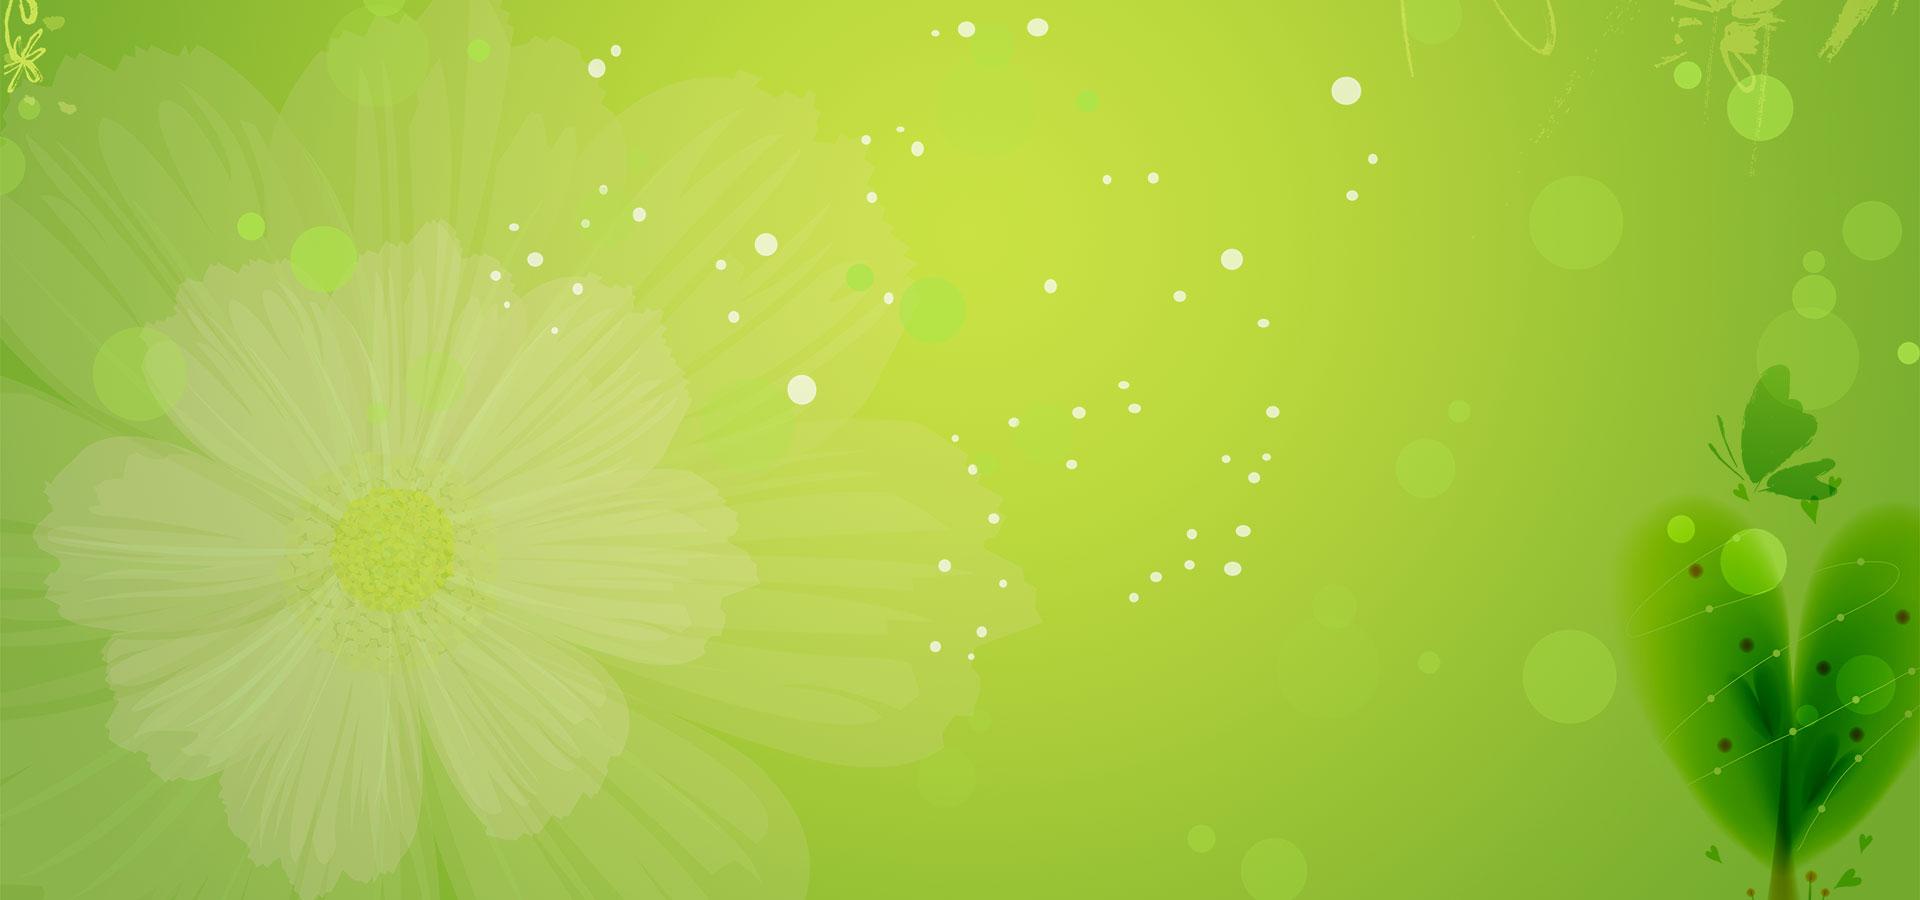 Желто-зеленый фон для открытки